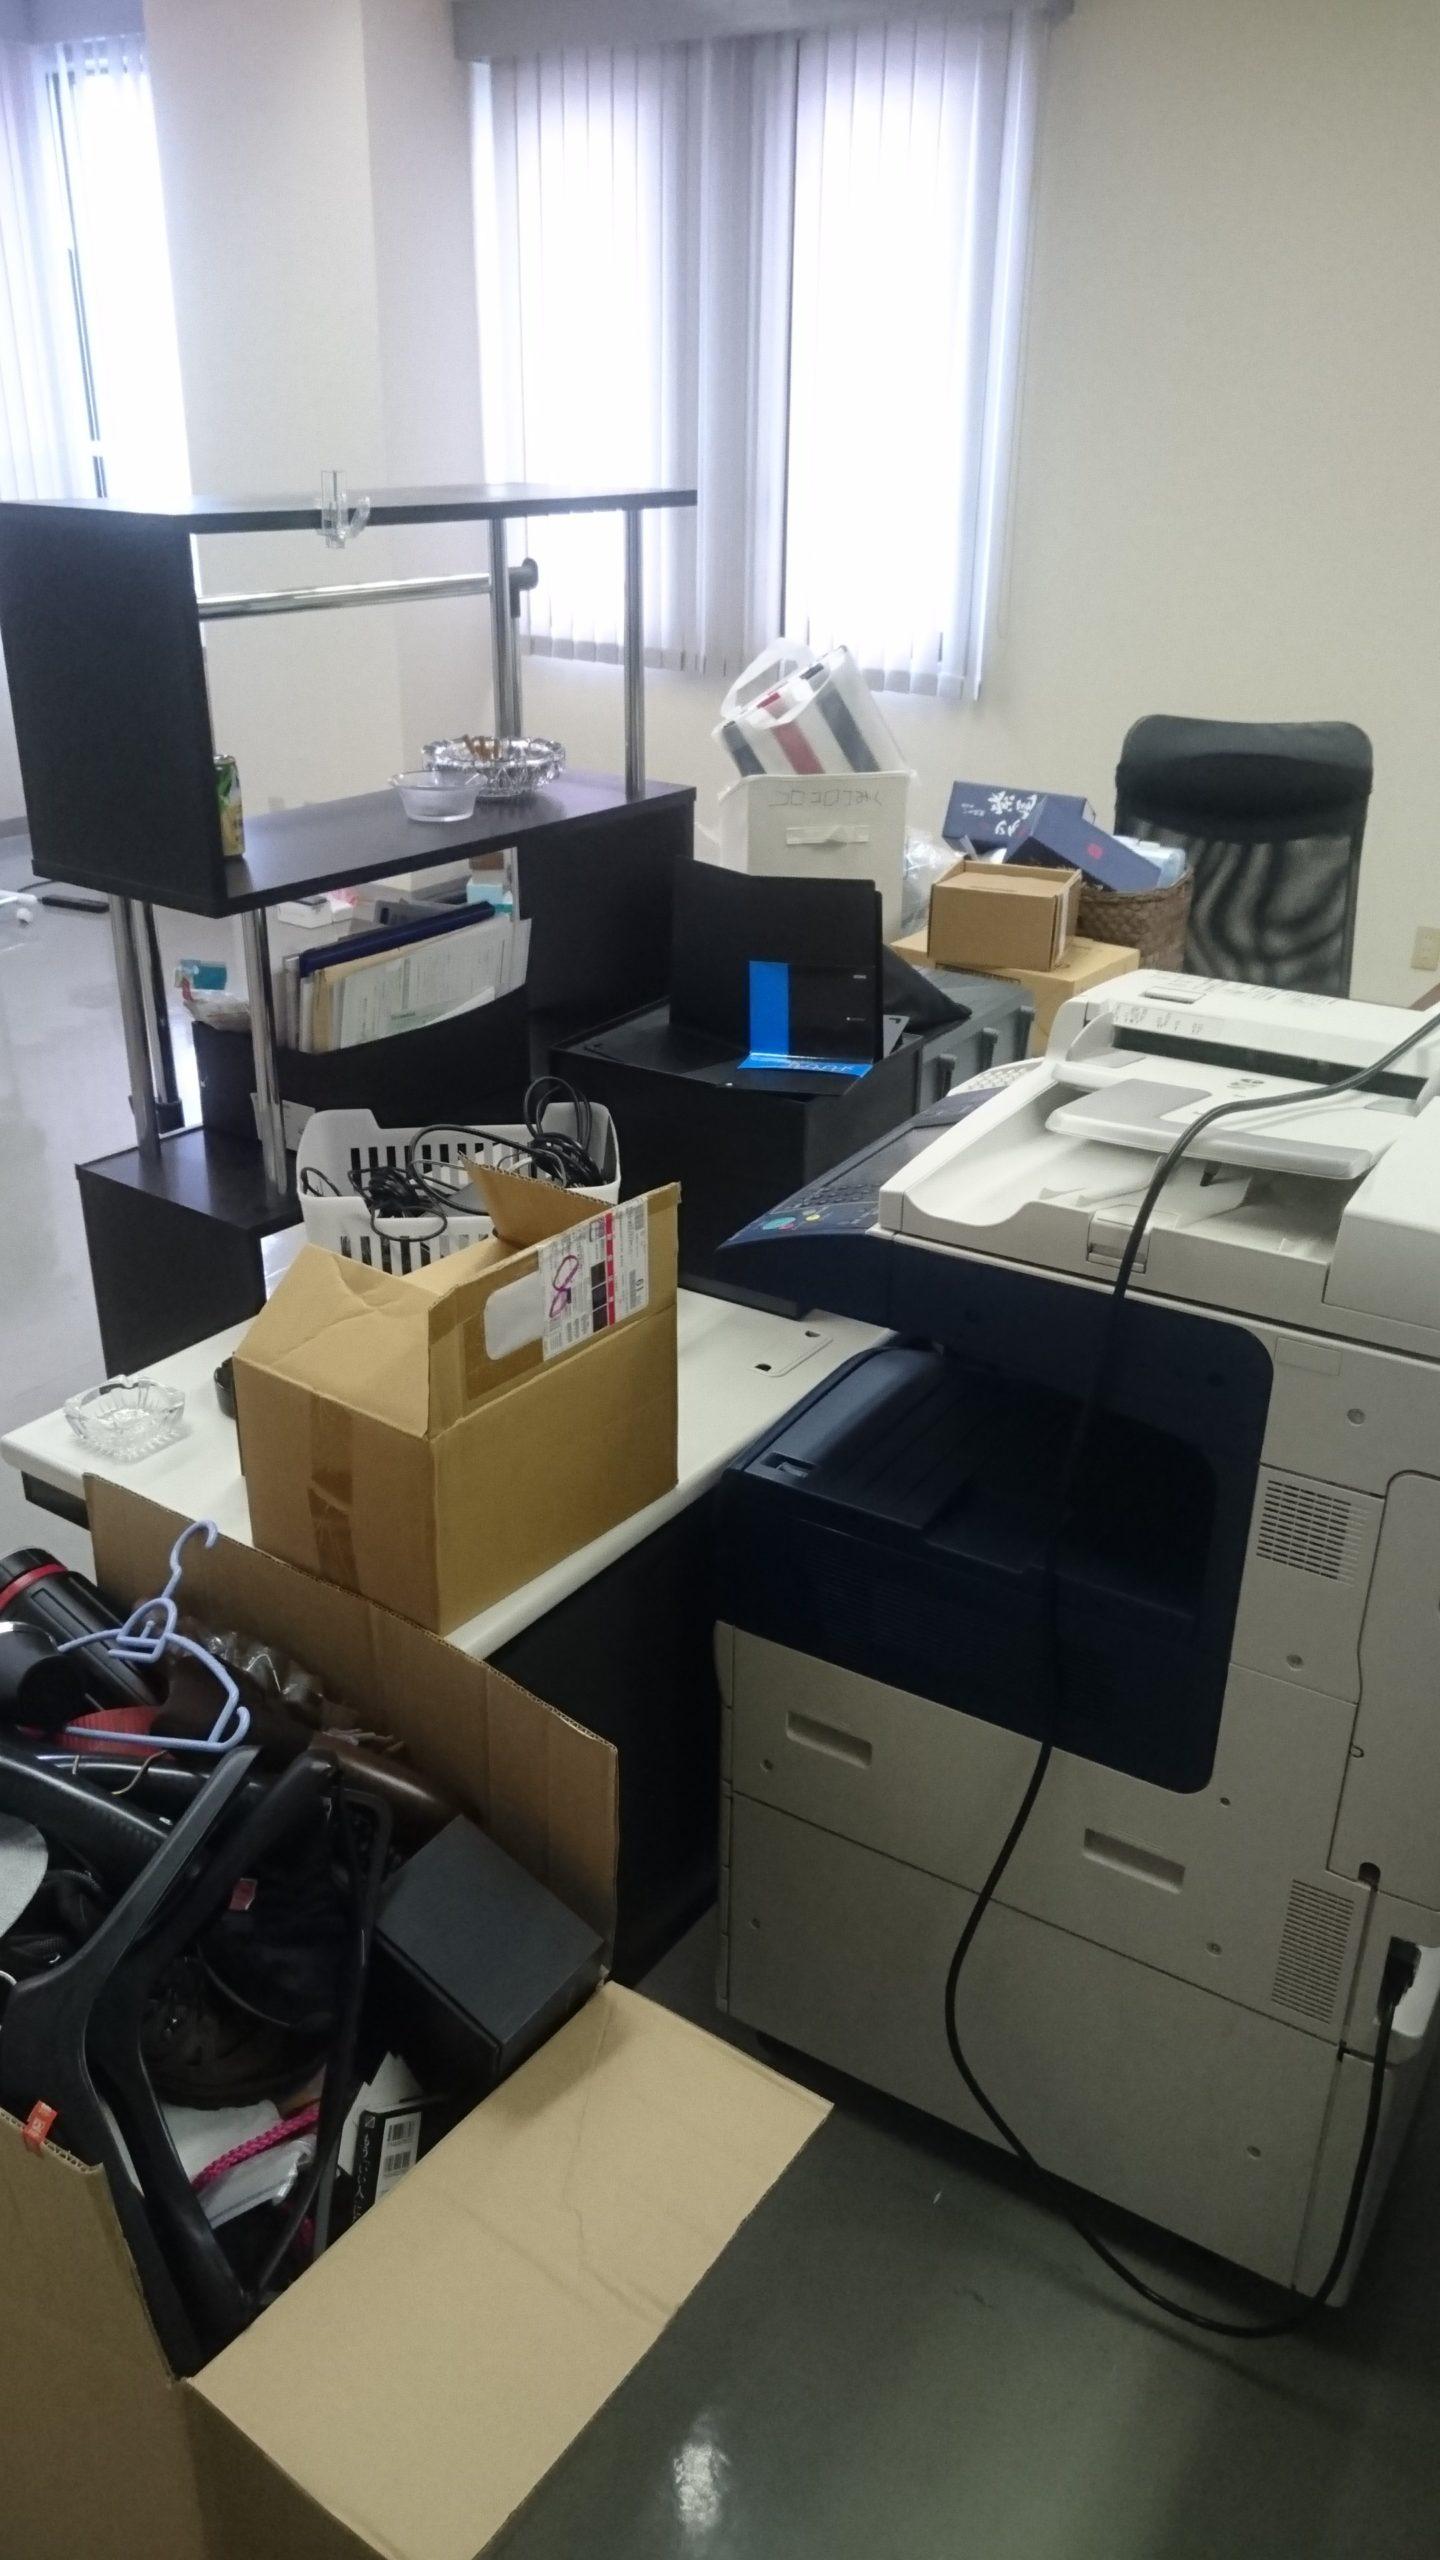 【愛知県名古屋市中村区】コピー機やOAデスクの回収